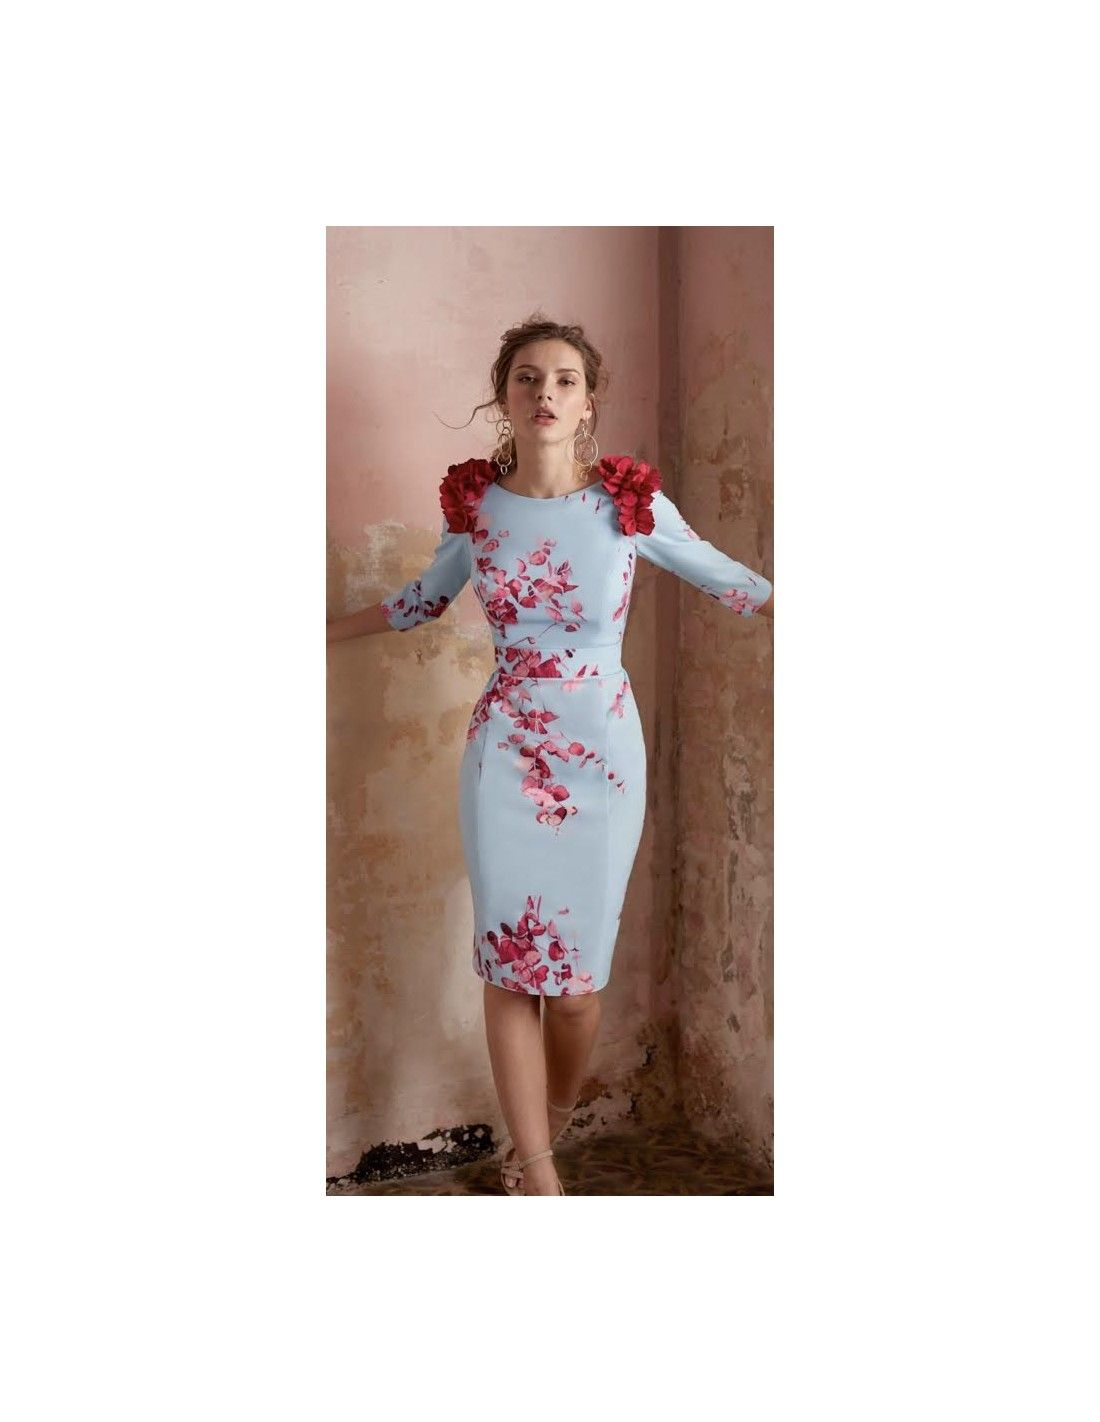 b90973726e Vestido Ainara - Vestido de corte midi con tejido elástico efecto raso en  azul cielo con